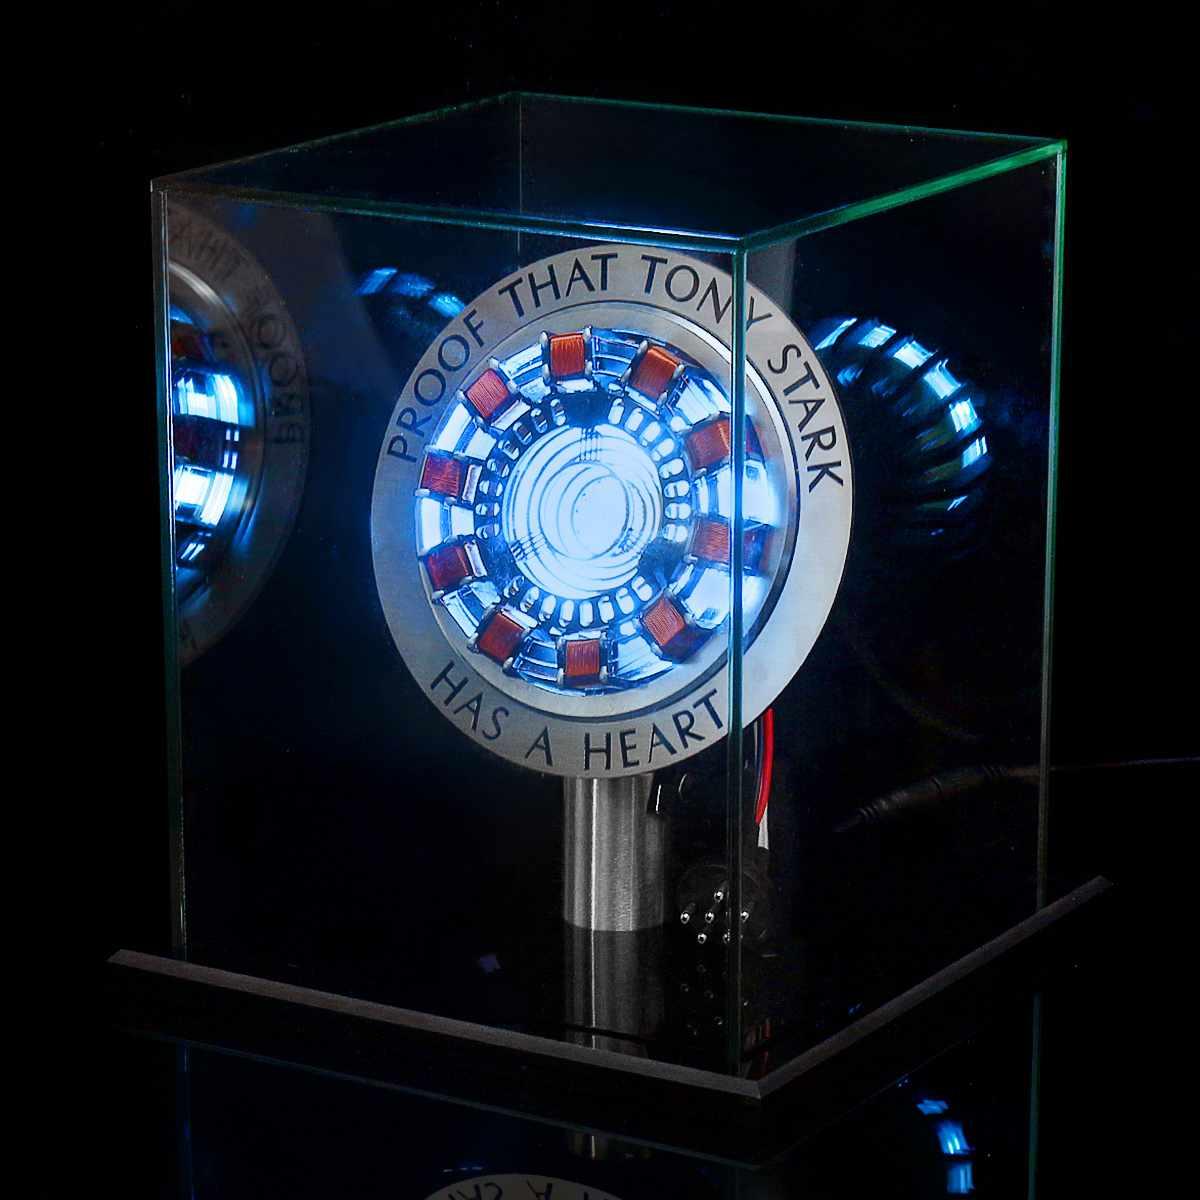 MK1 alliage d'aluminium/acrylique Tony 1:1 Arc réacteur bricolage modèle Kit LED lampe de poitrine USB film accessoires cadeaux Science jouet